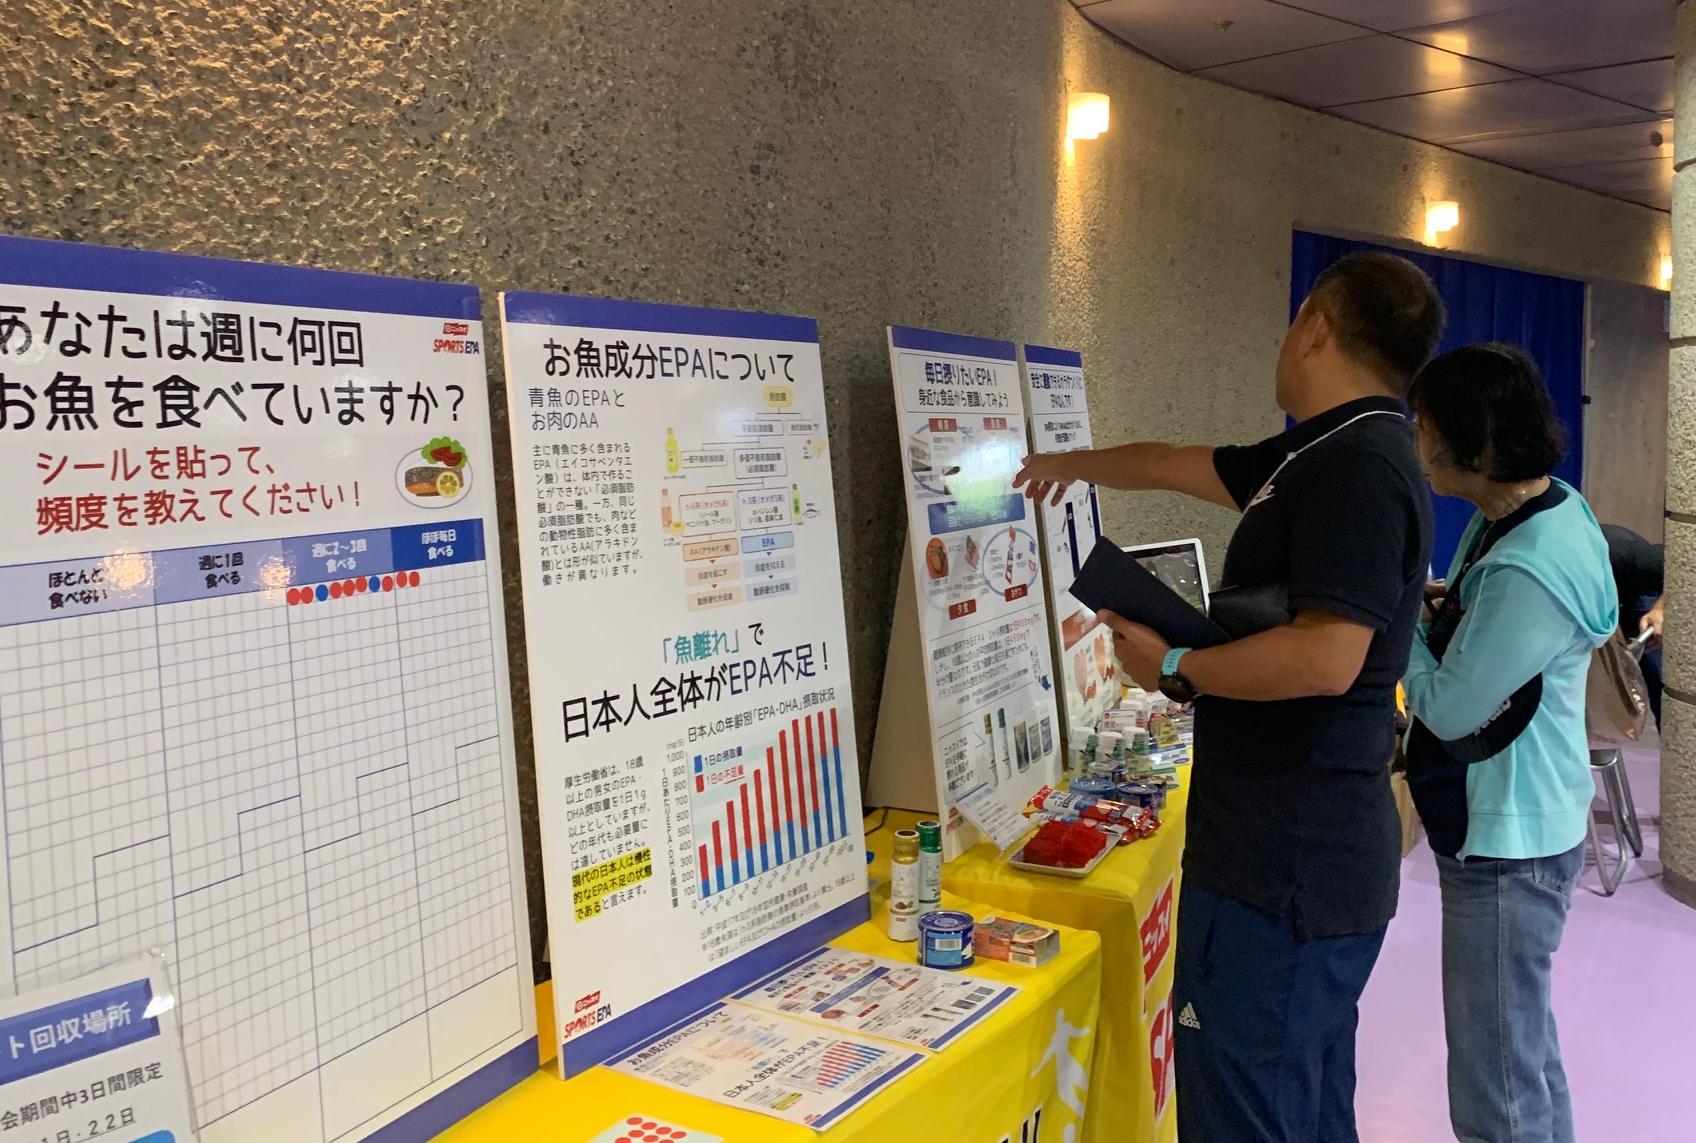 【写真】マスターズ水泳2019福岡展示ブース